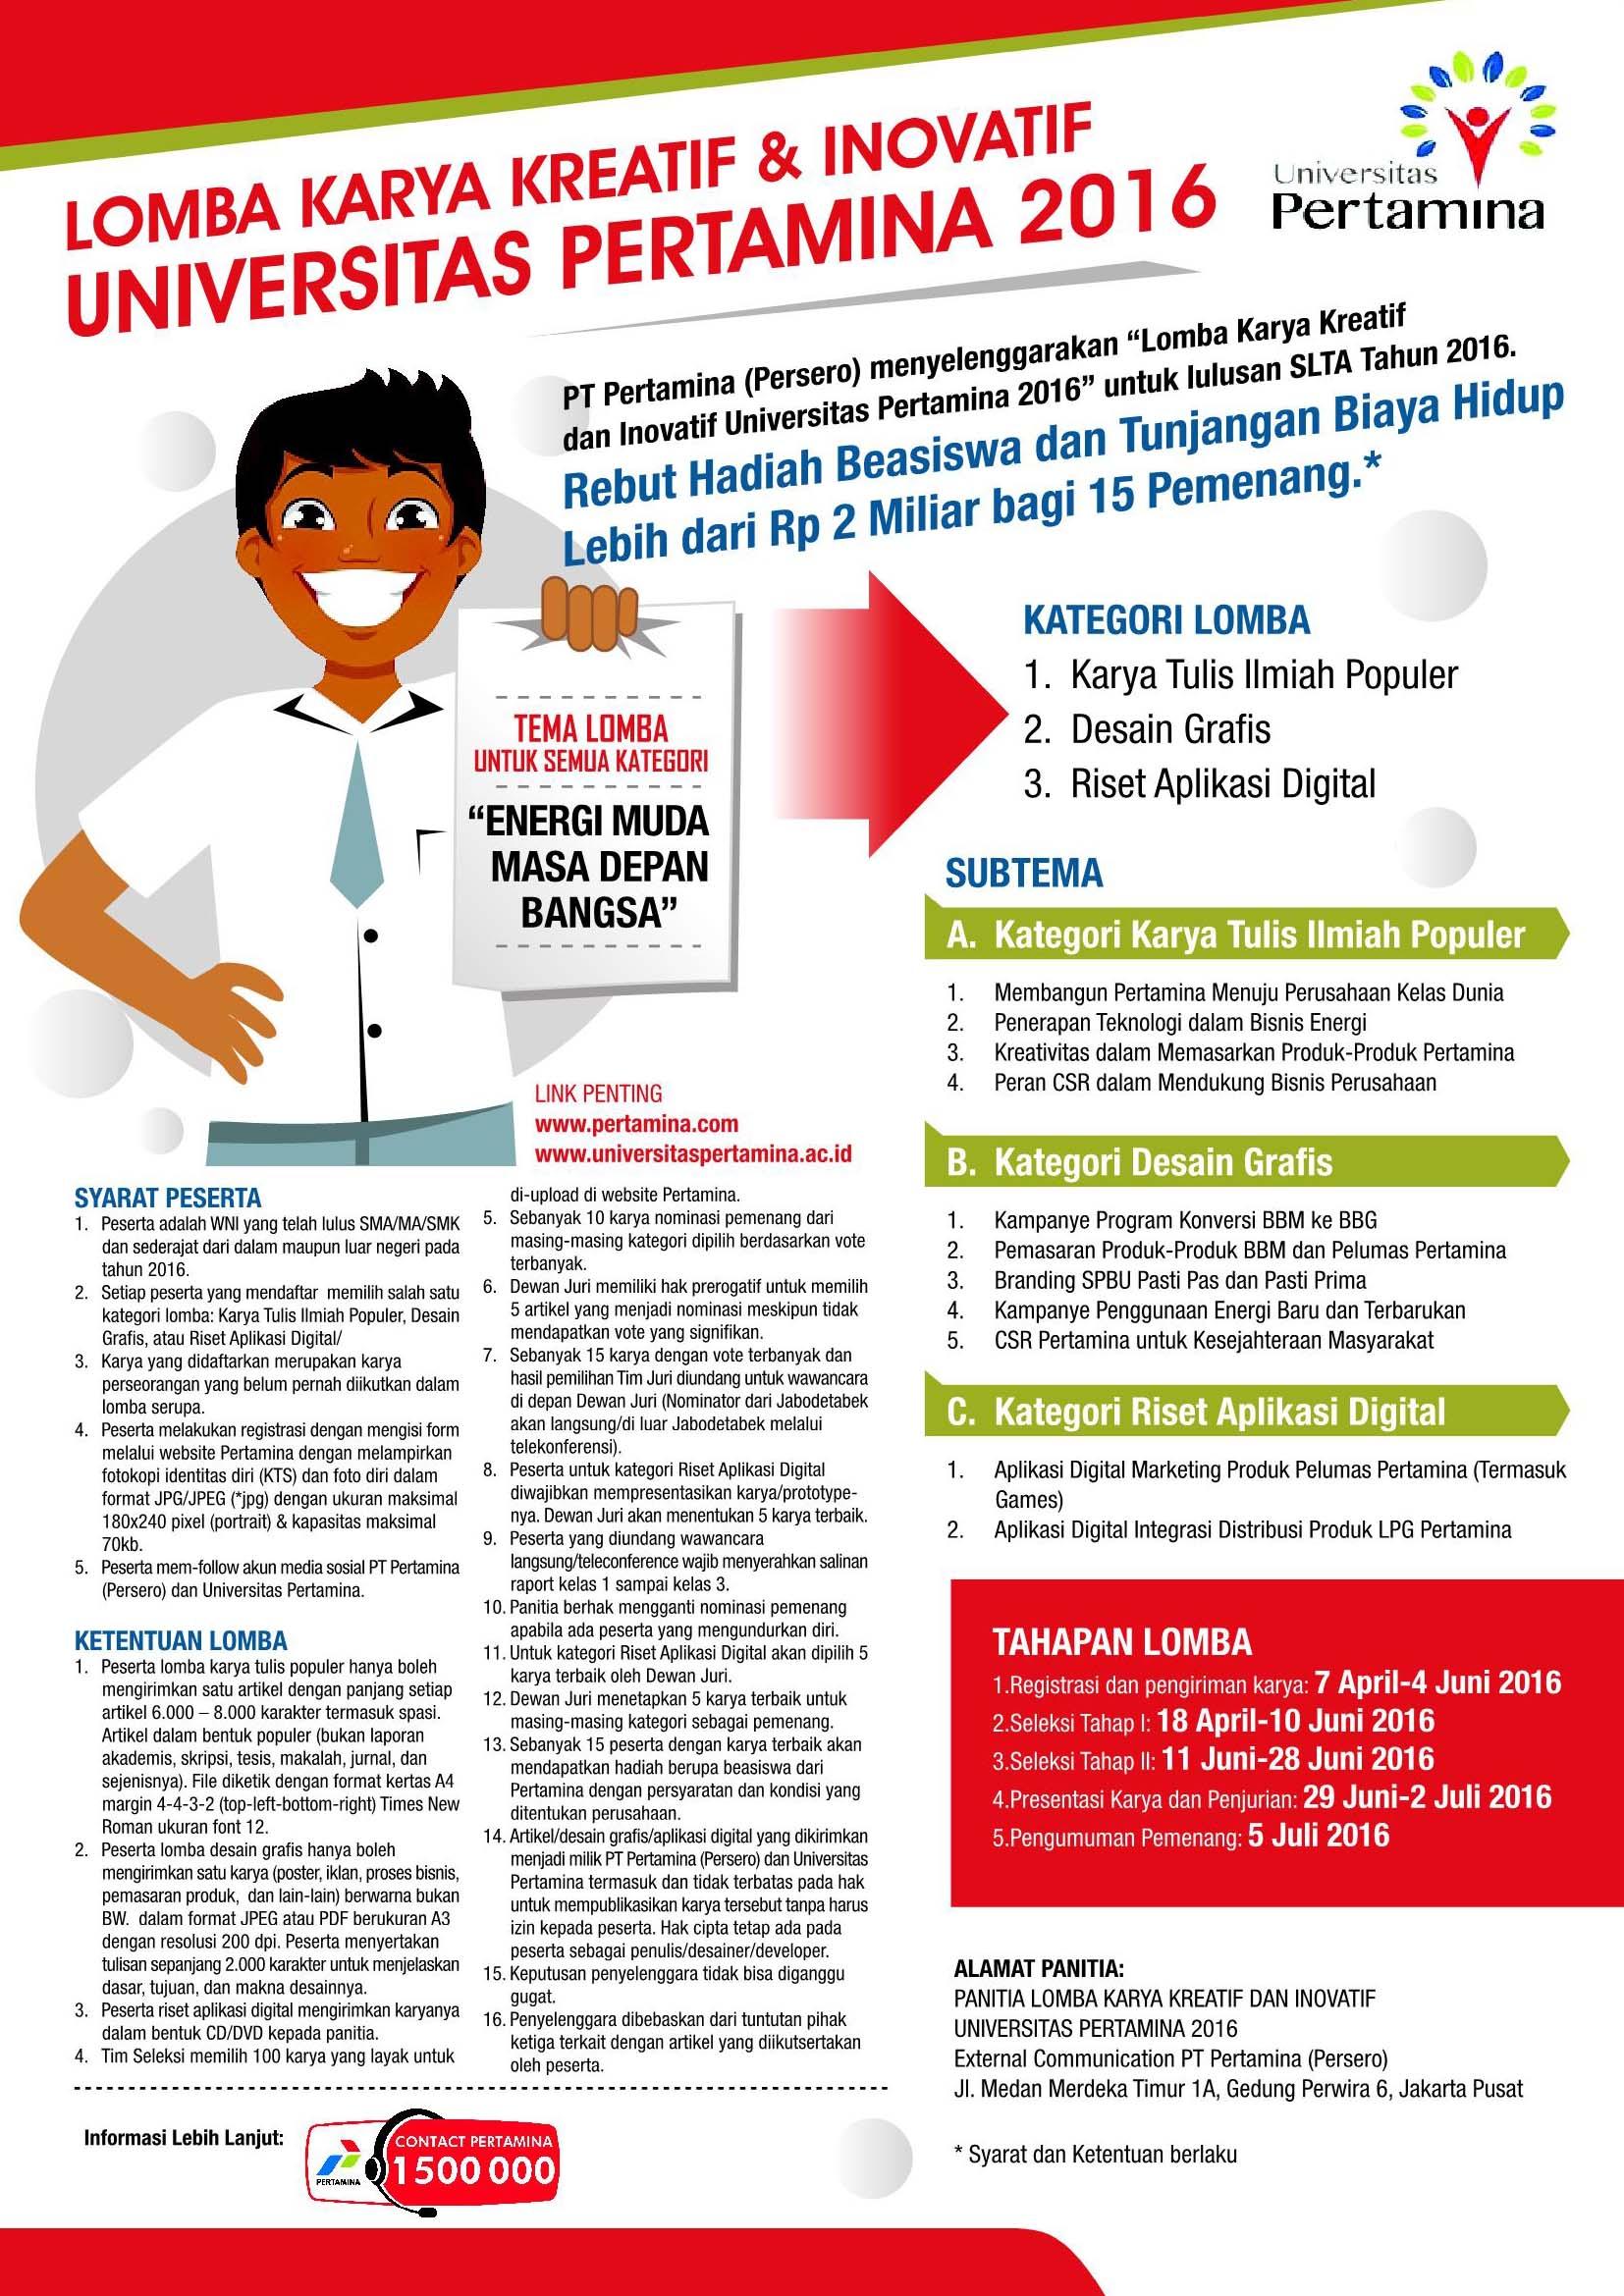 Lomba Karya Kreatif & Inovatif Universitas Pertamina 2016